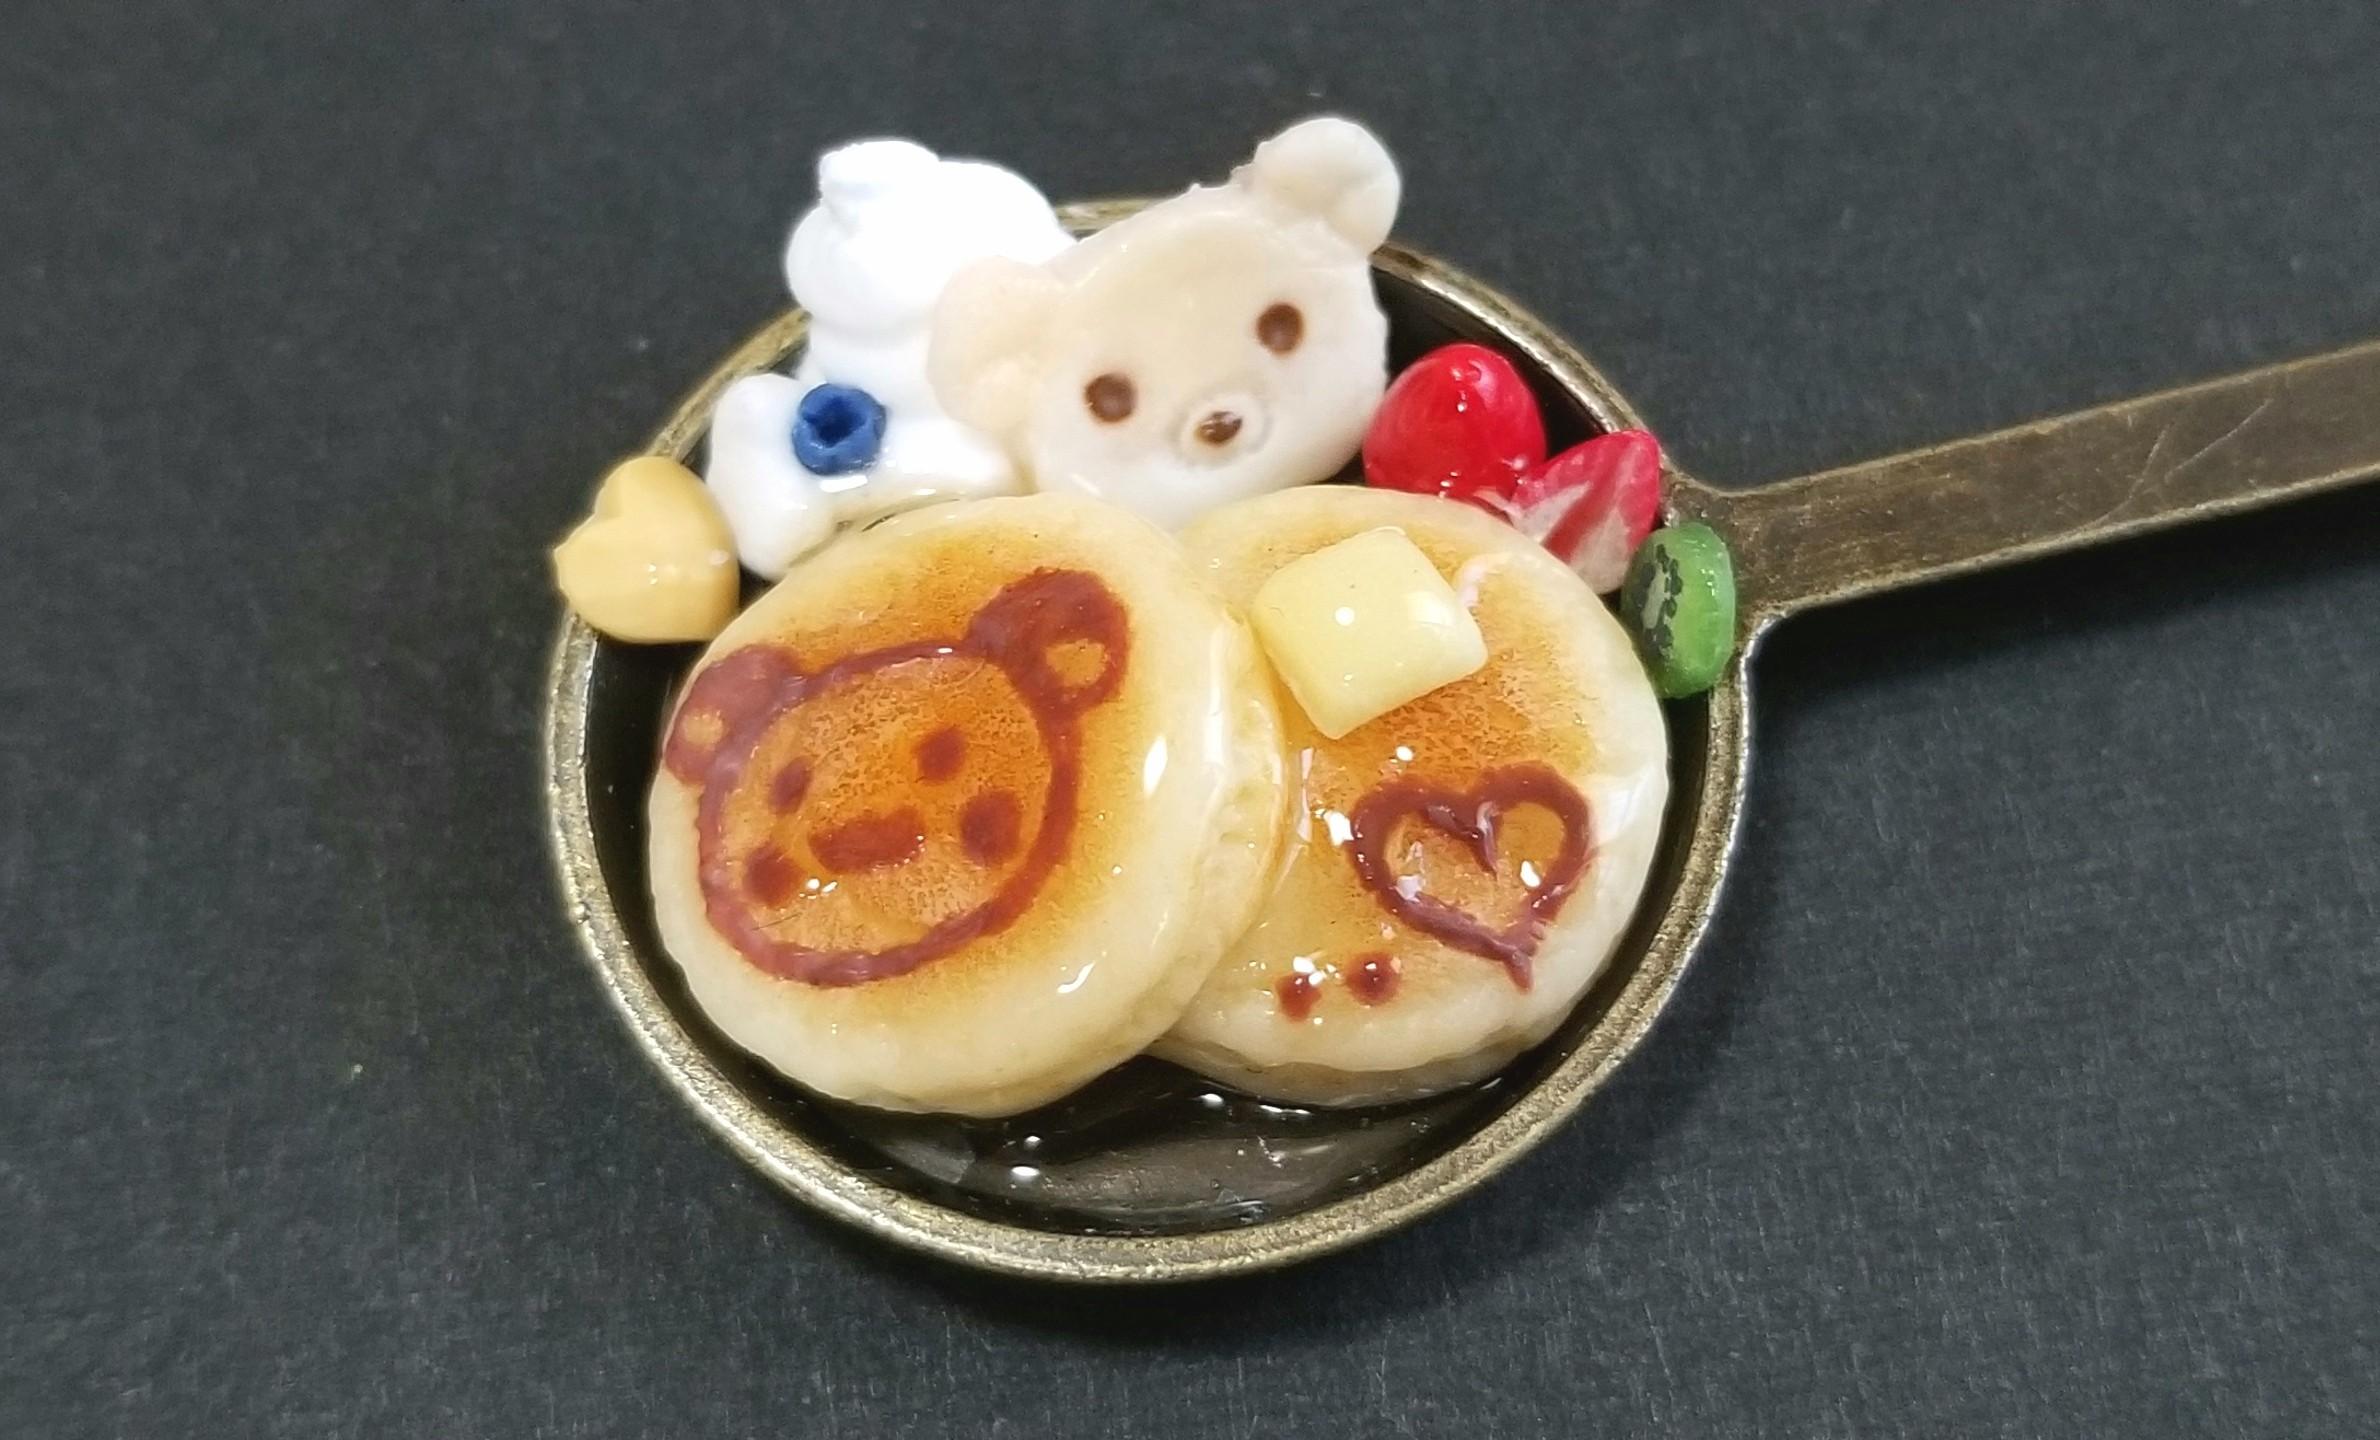 ミニチュアフード,クマちゃんのホットケーキ,ドールハウス,樹脂粘土